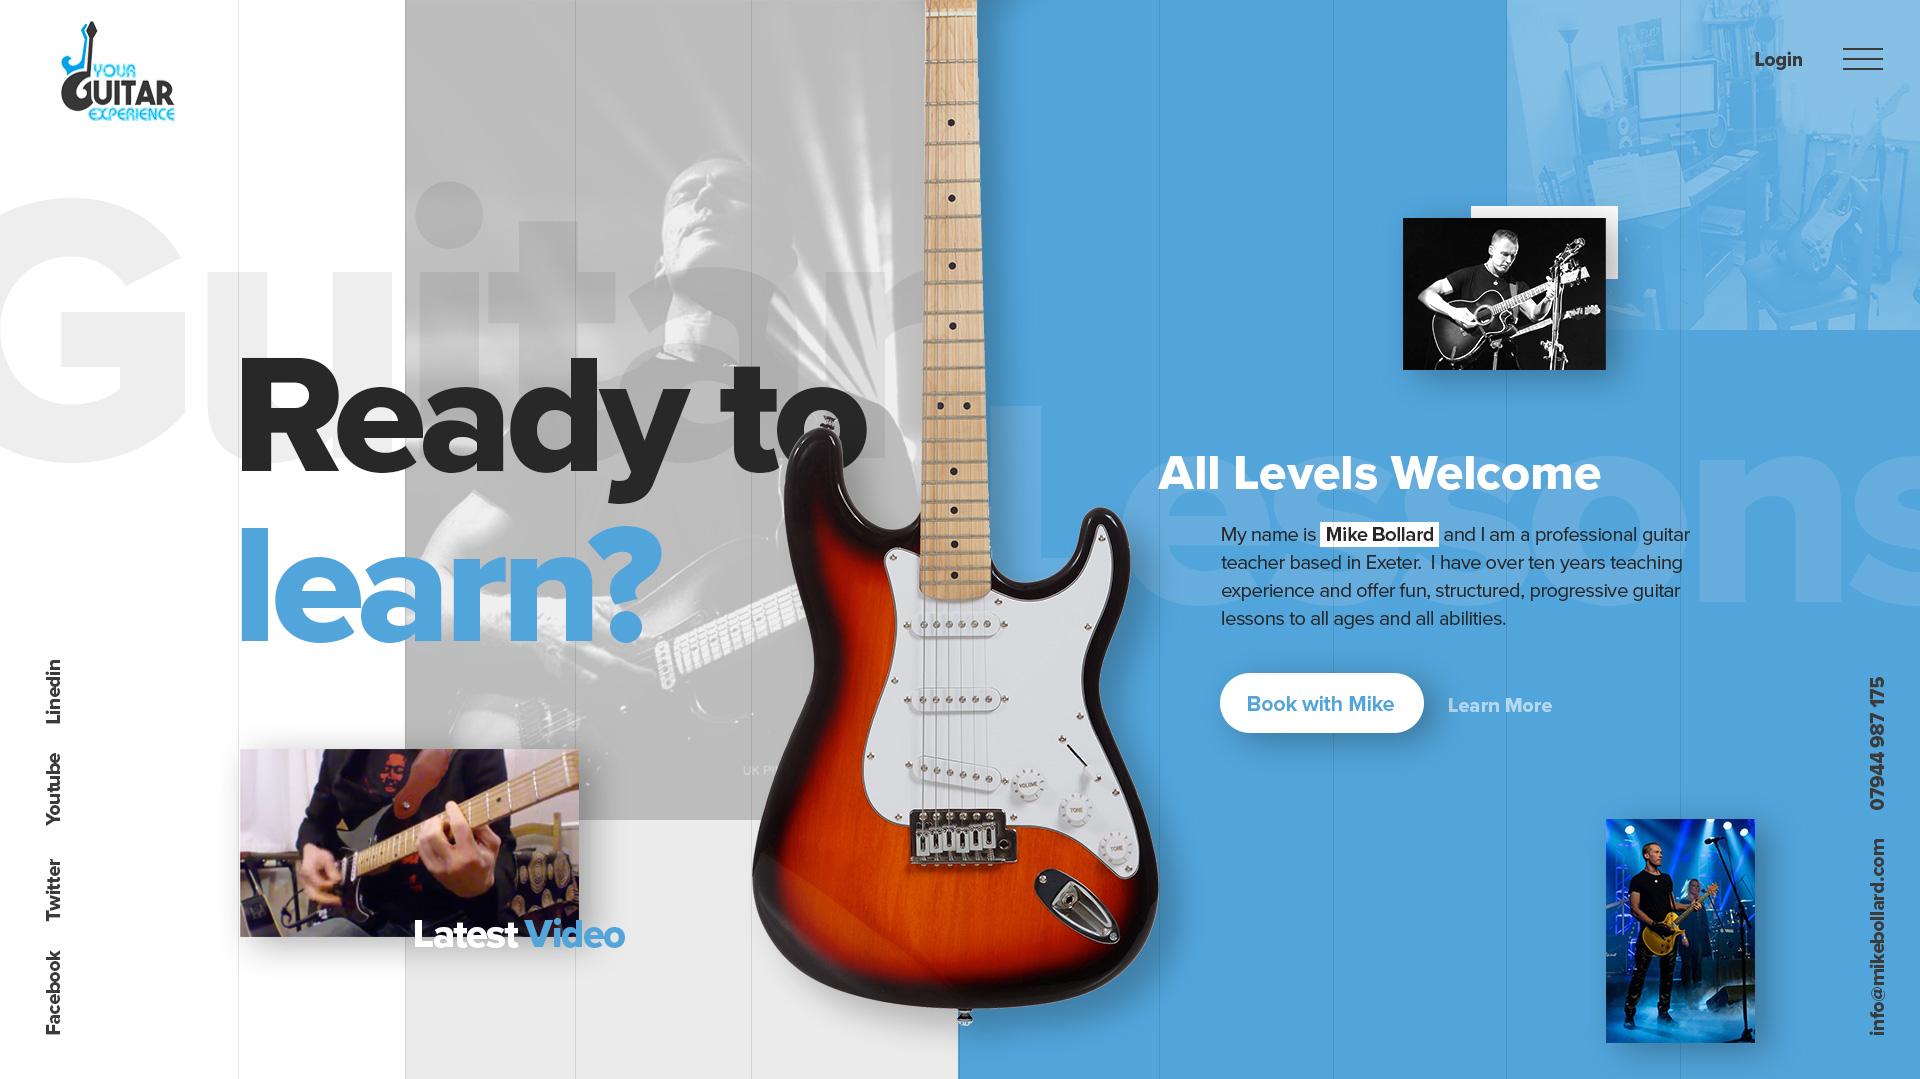 Desktop web design exeter for guitar instructor